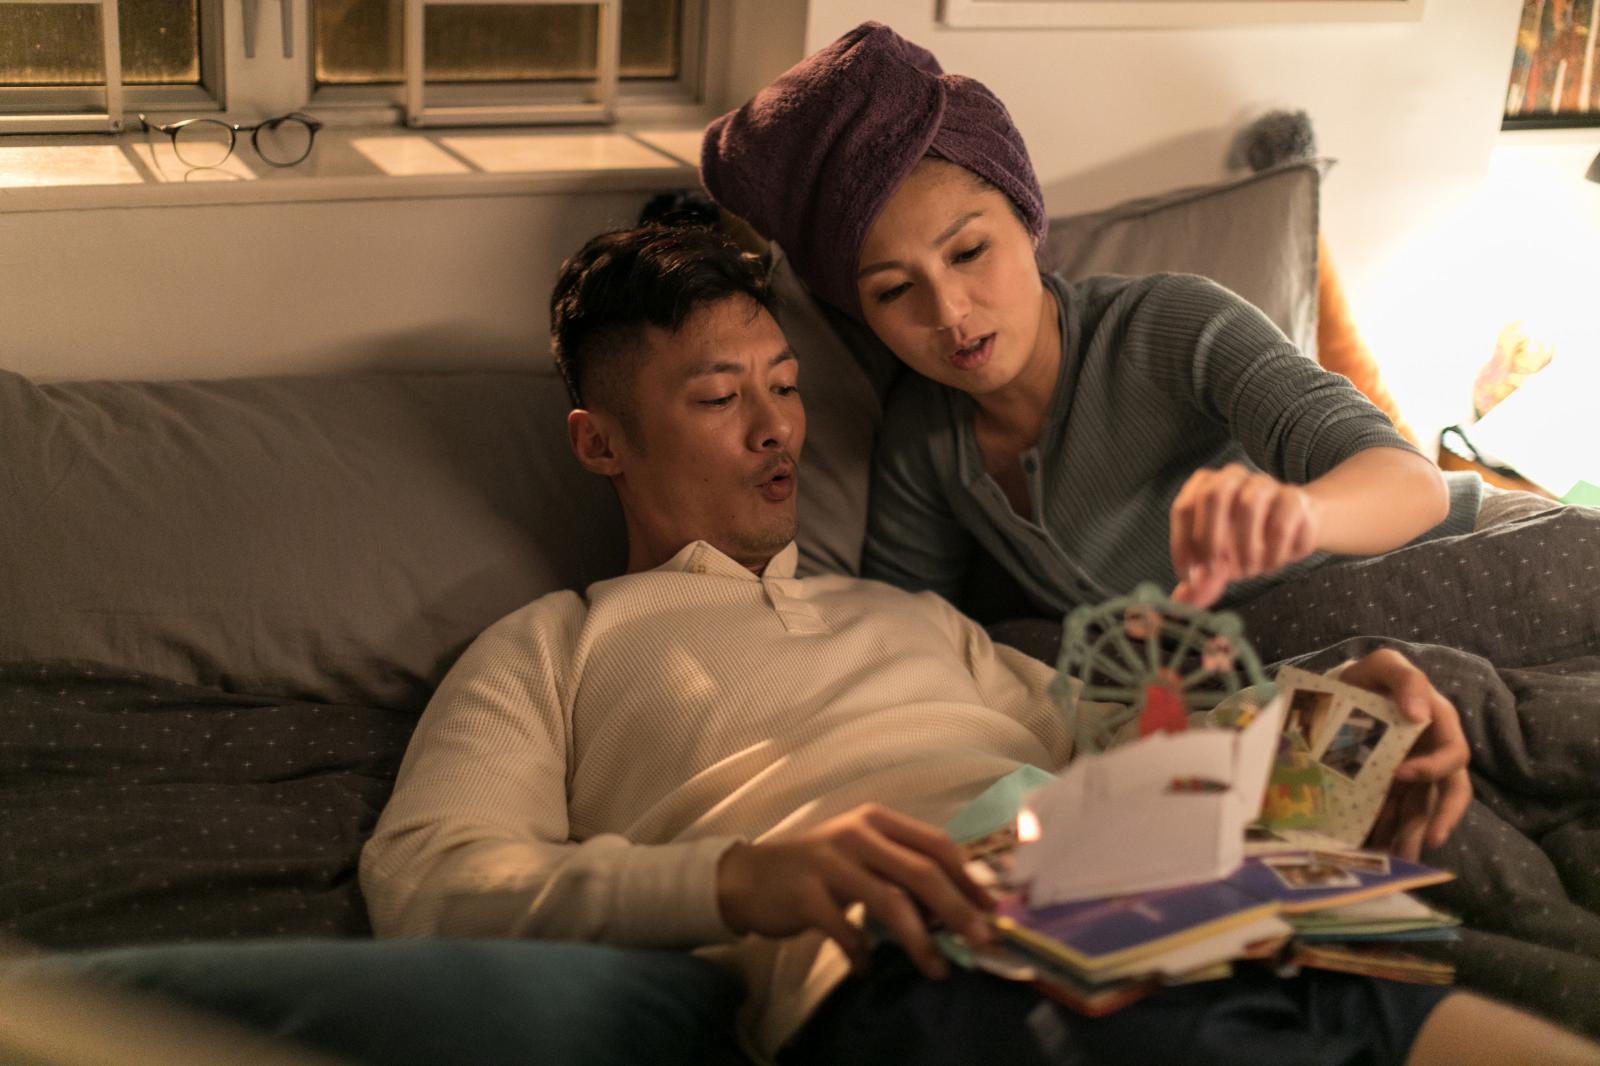 【你玩我送】浪漫喜劇《春嬌救志明》 4月28日英國上映